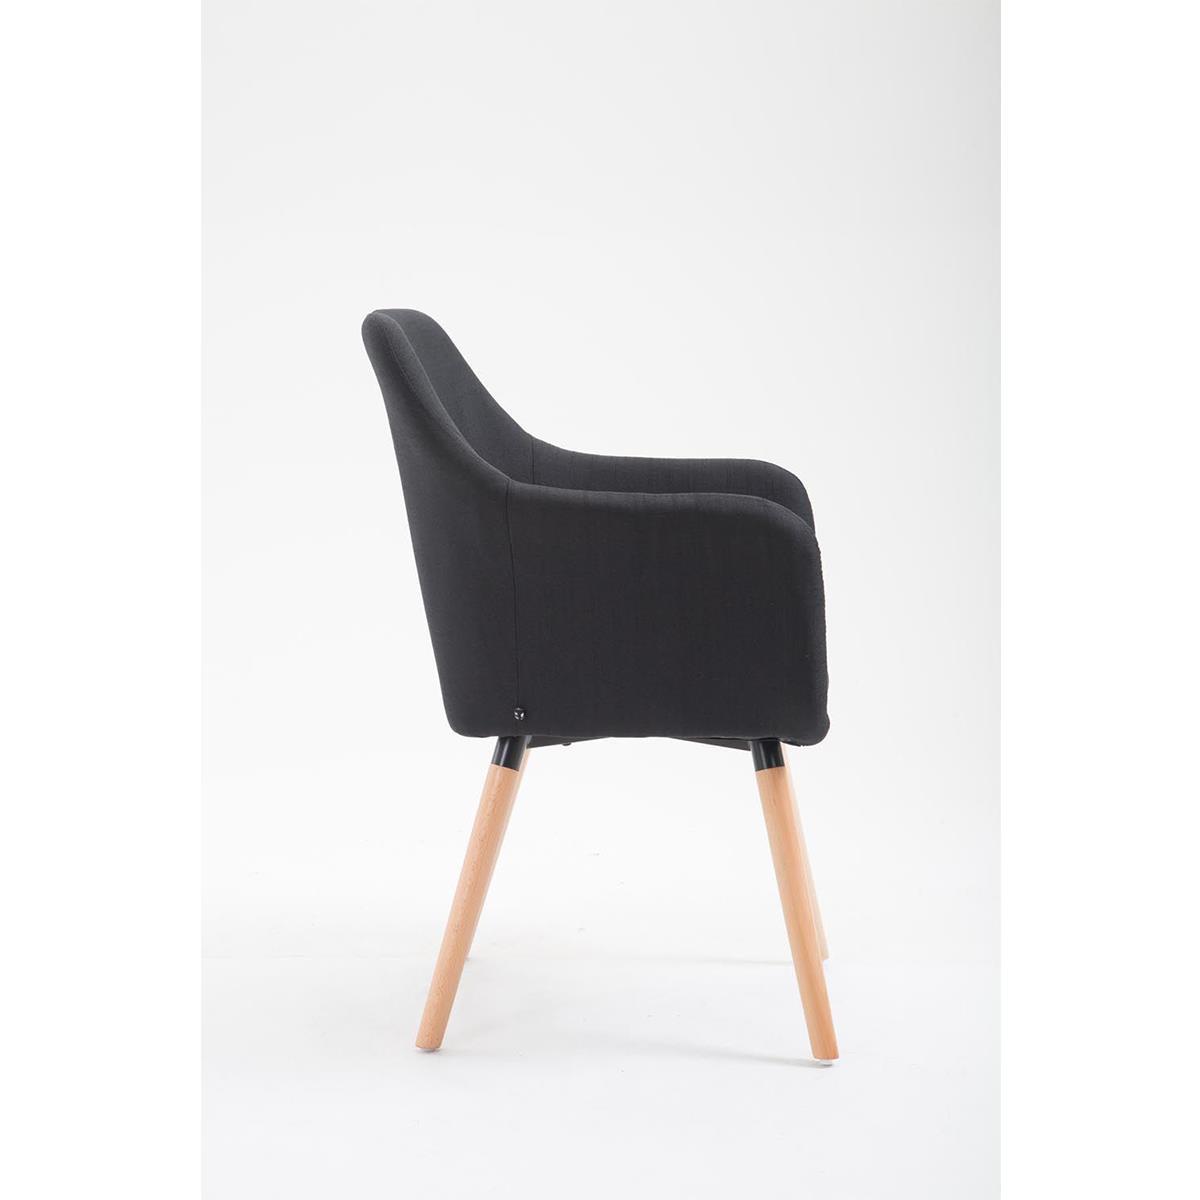 Sedia per sala d 39 attesa niebla design sofisticato in for Sedia per sala d attesa